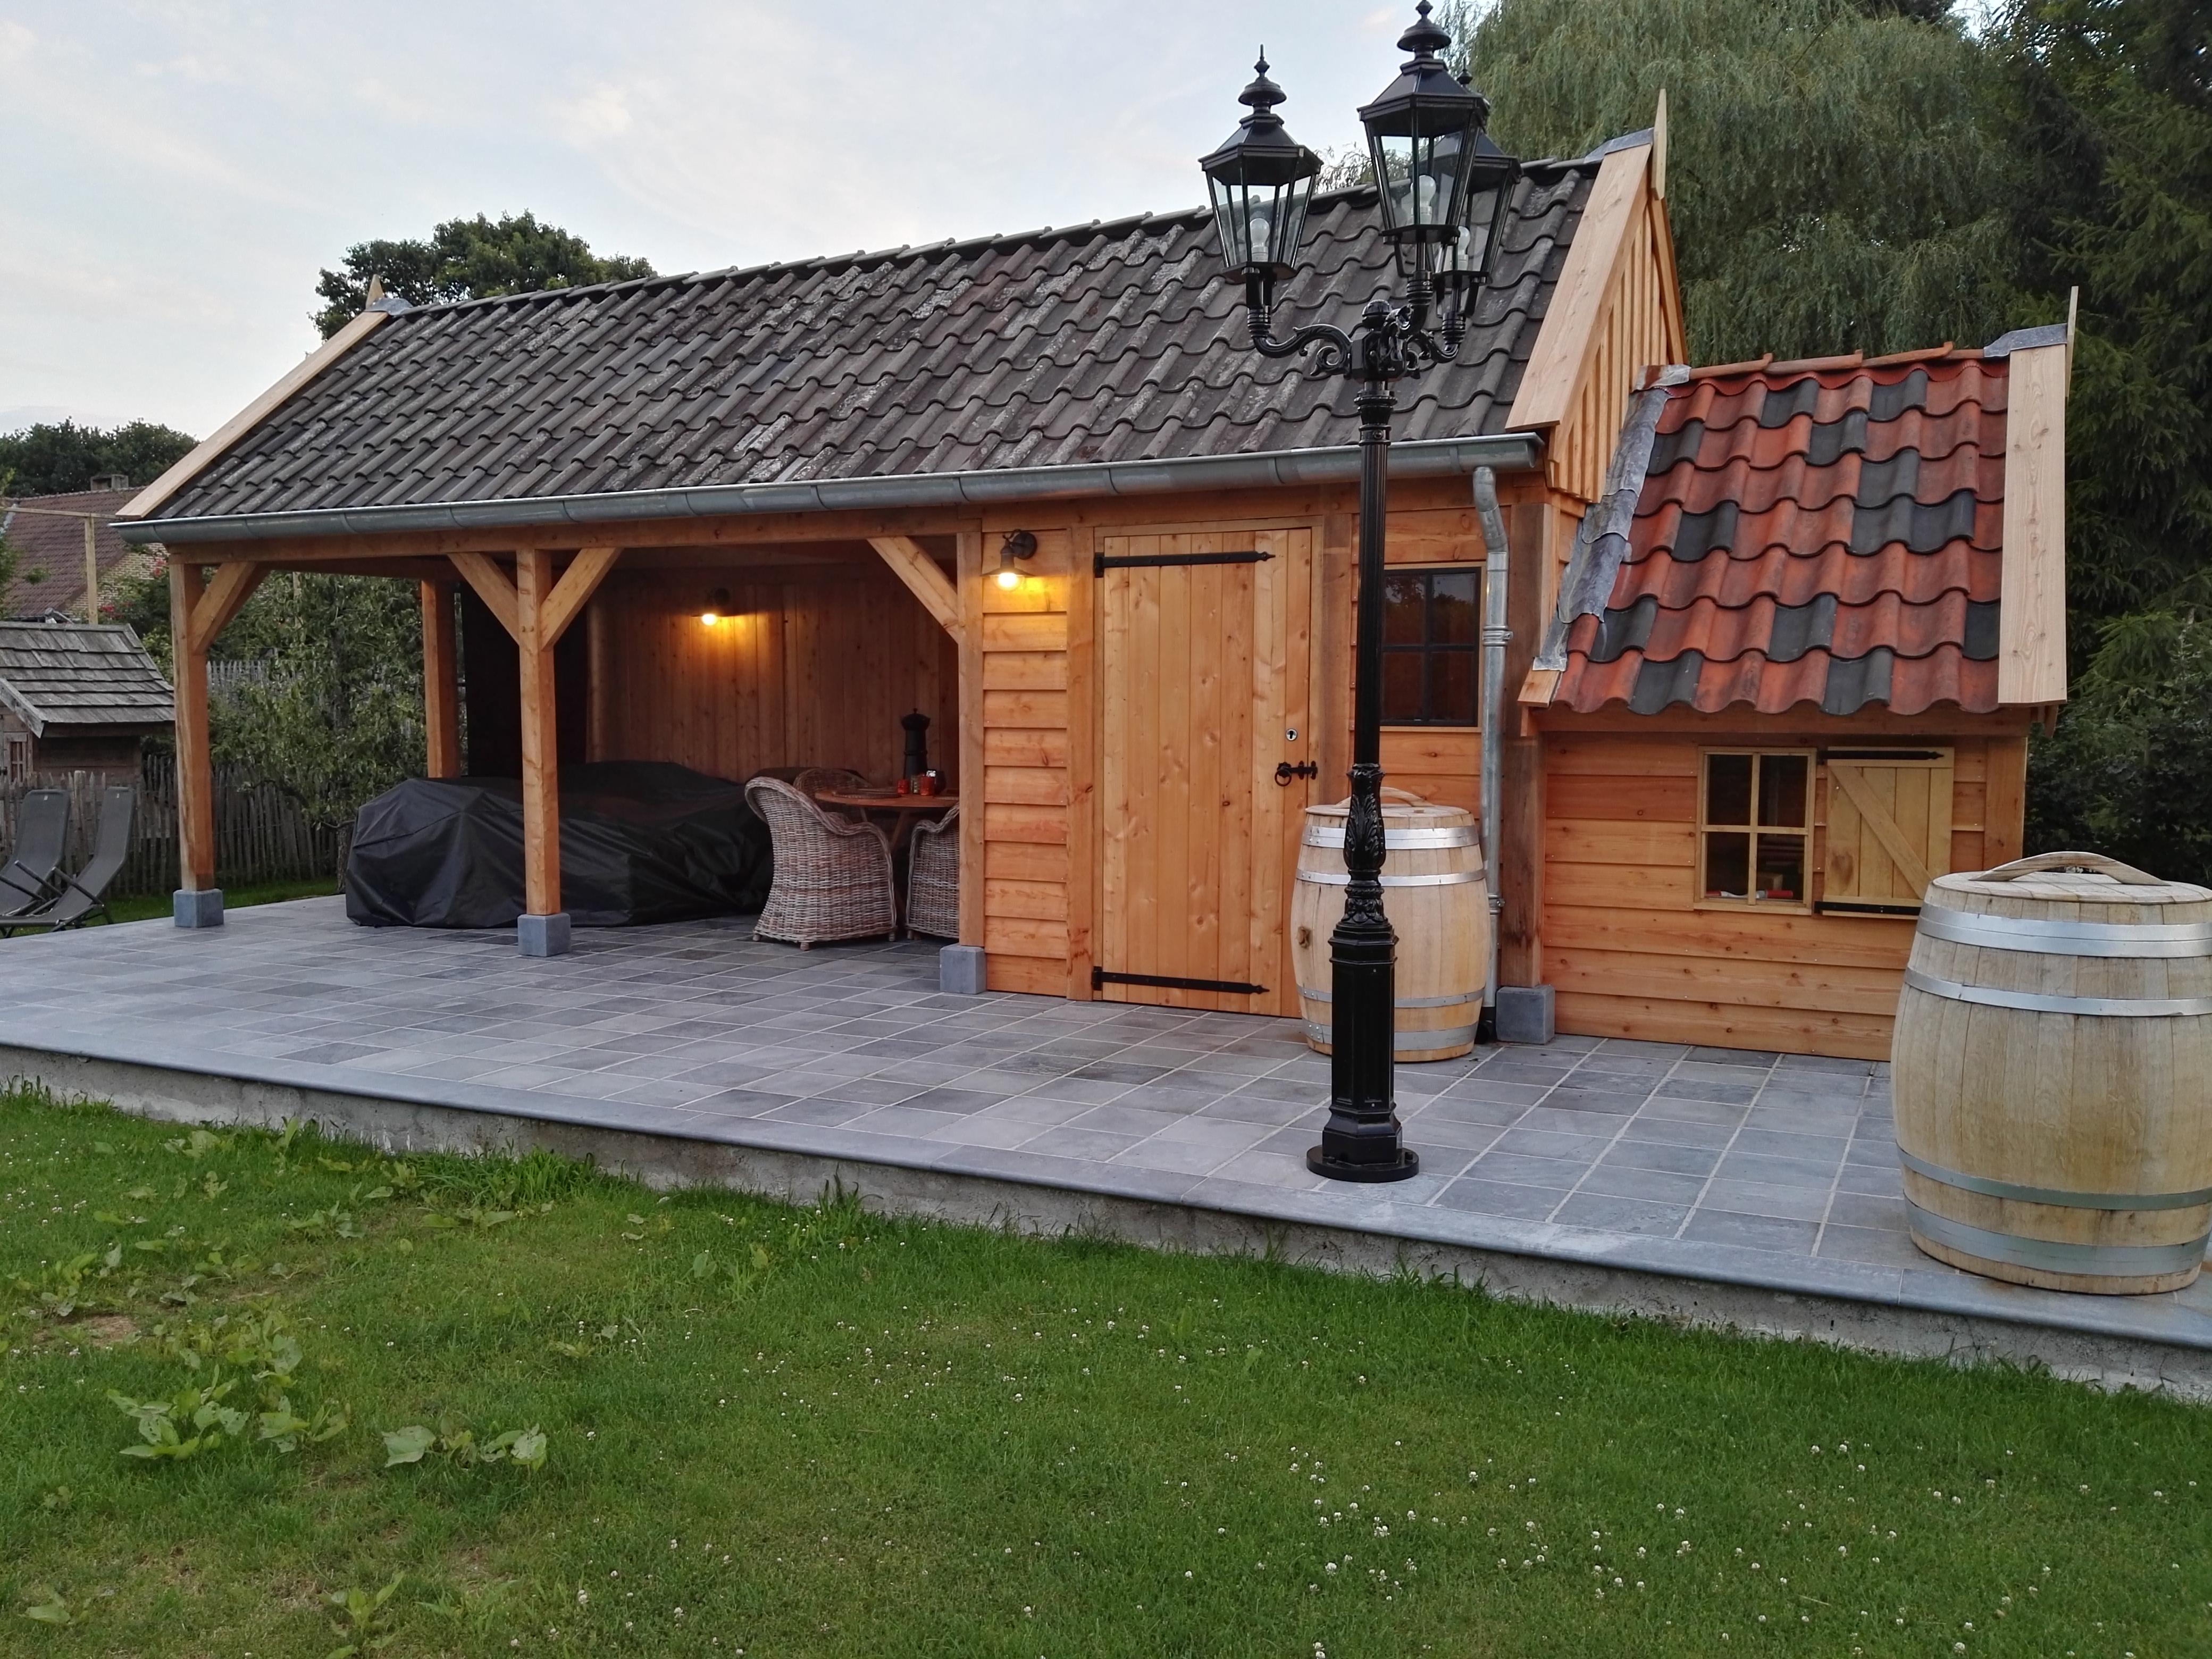 tuinkamer_4 - Luxe houten bijgebouw met riante tuinkamer.